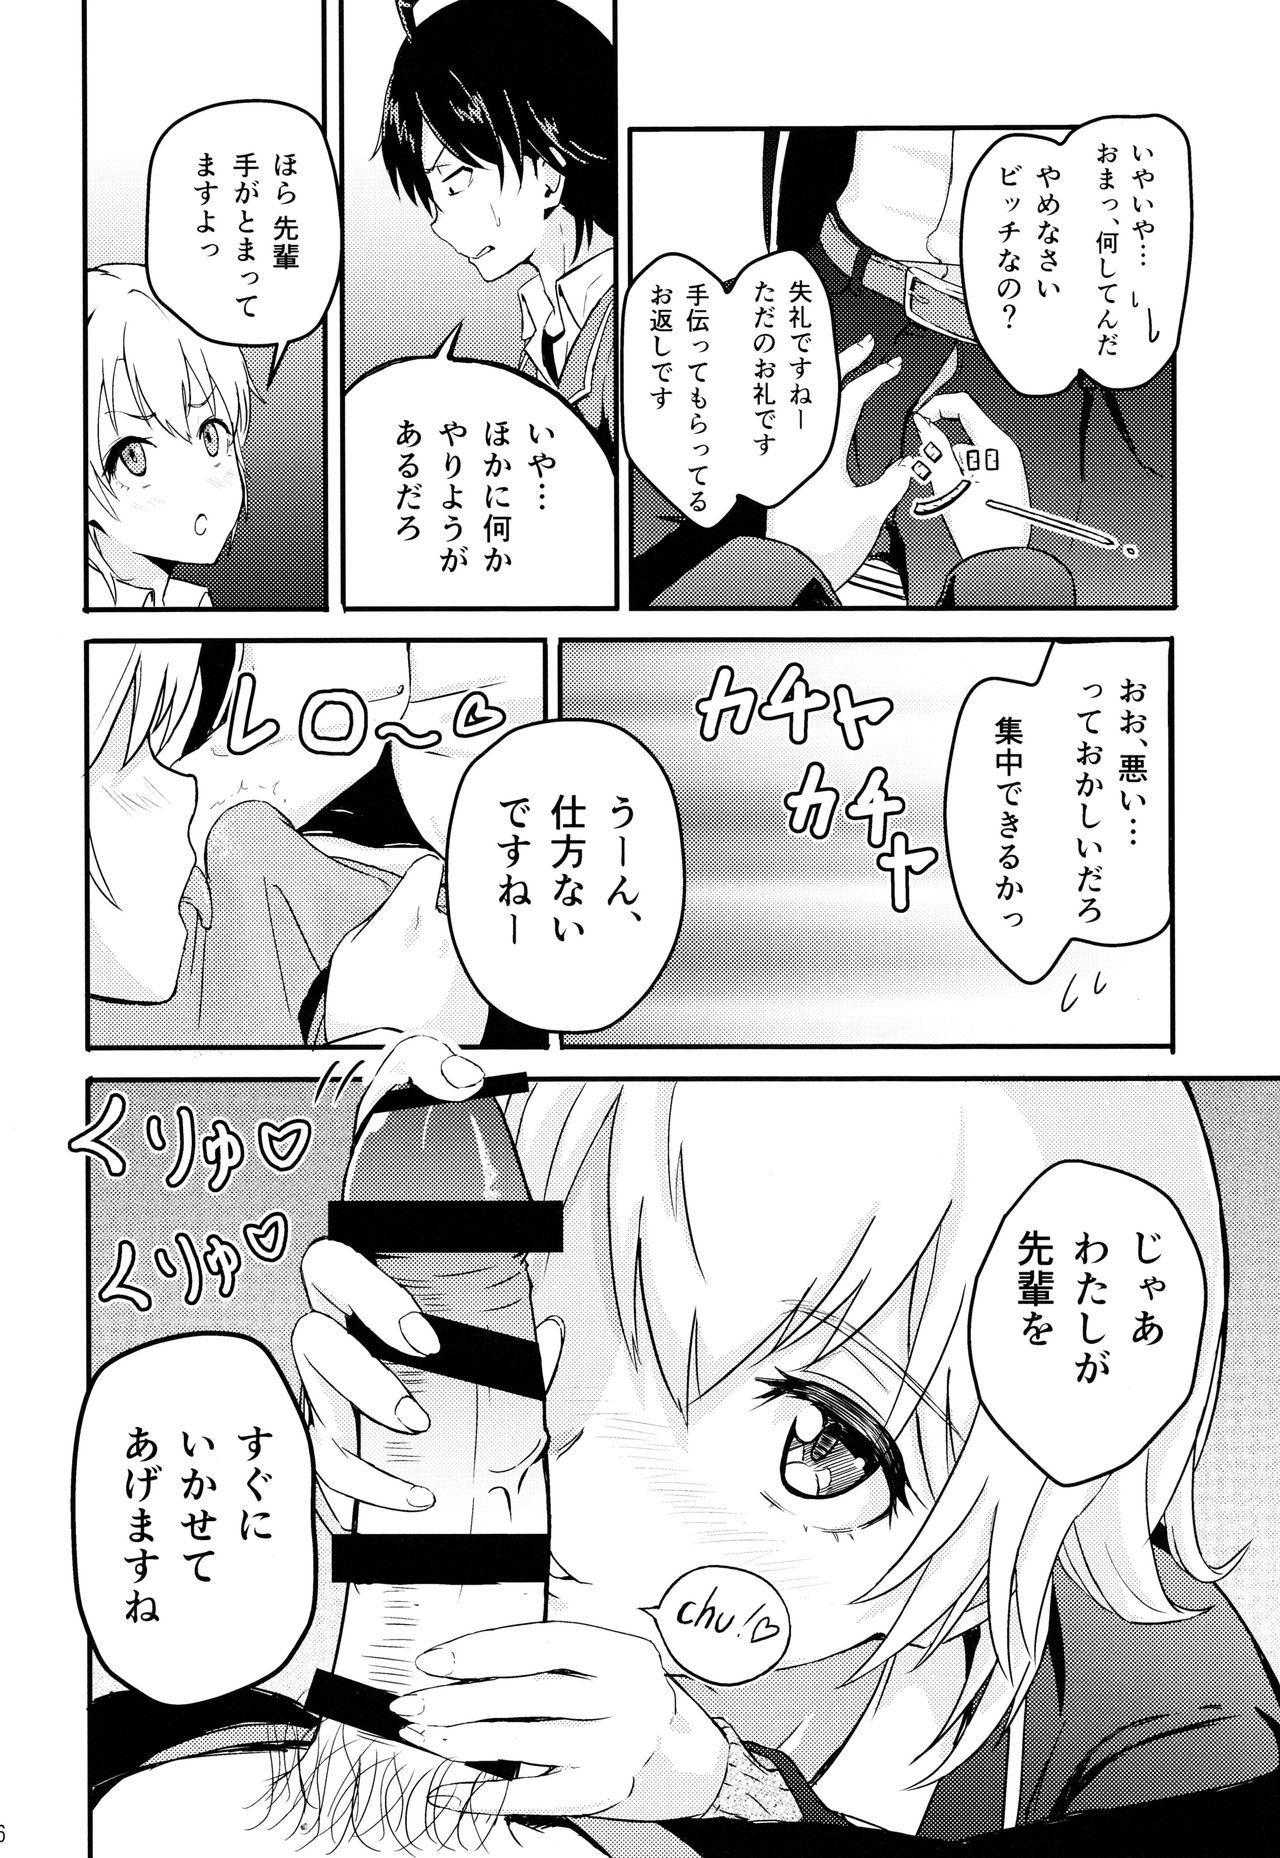 Iroha 4